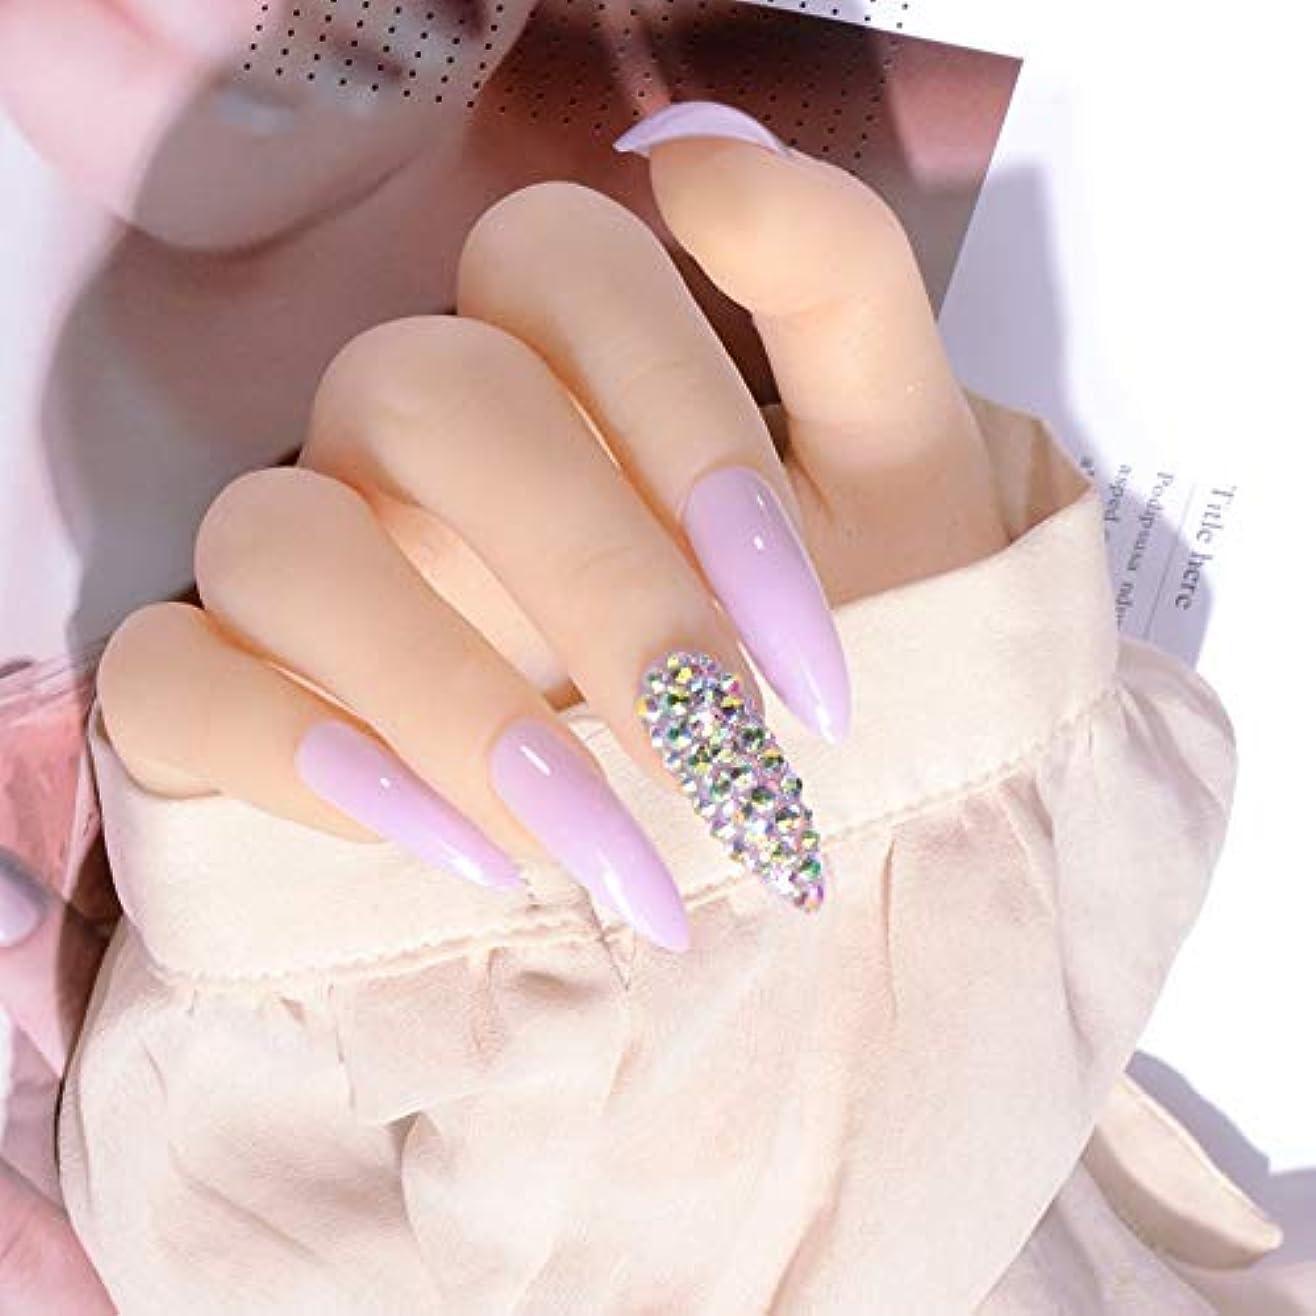 悲しいことに規則性キウイXUTXZKA 紫の爪ネイルヴェール偽の爪に長い光沢のあるプレス